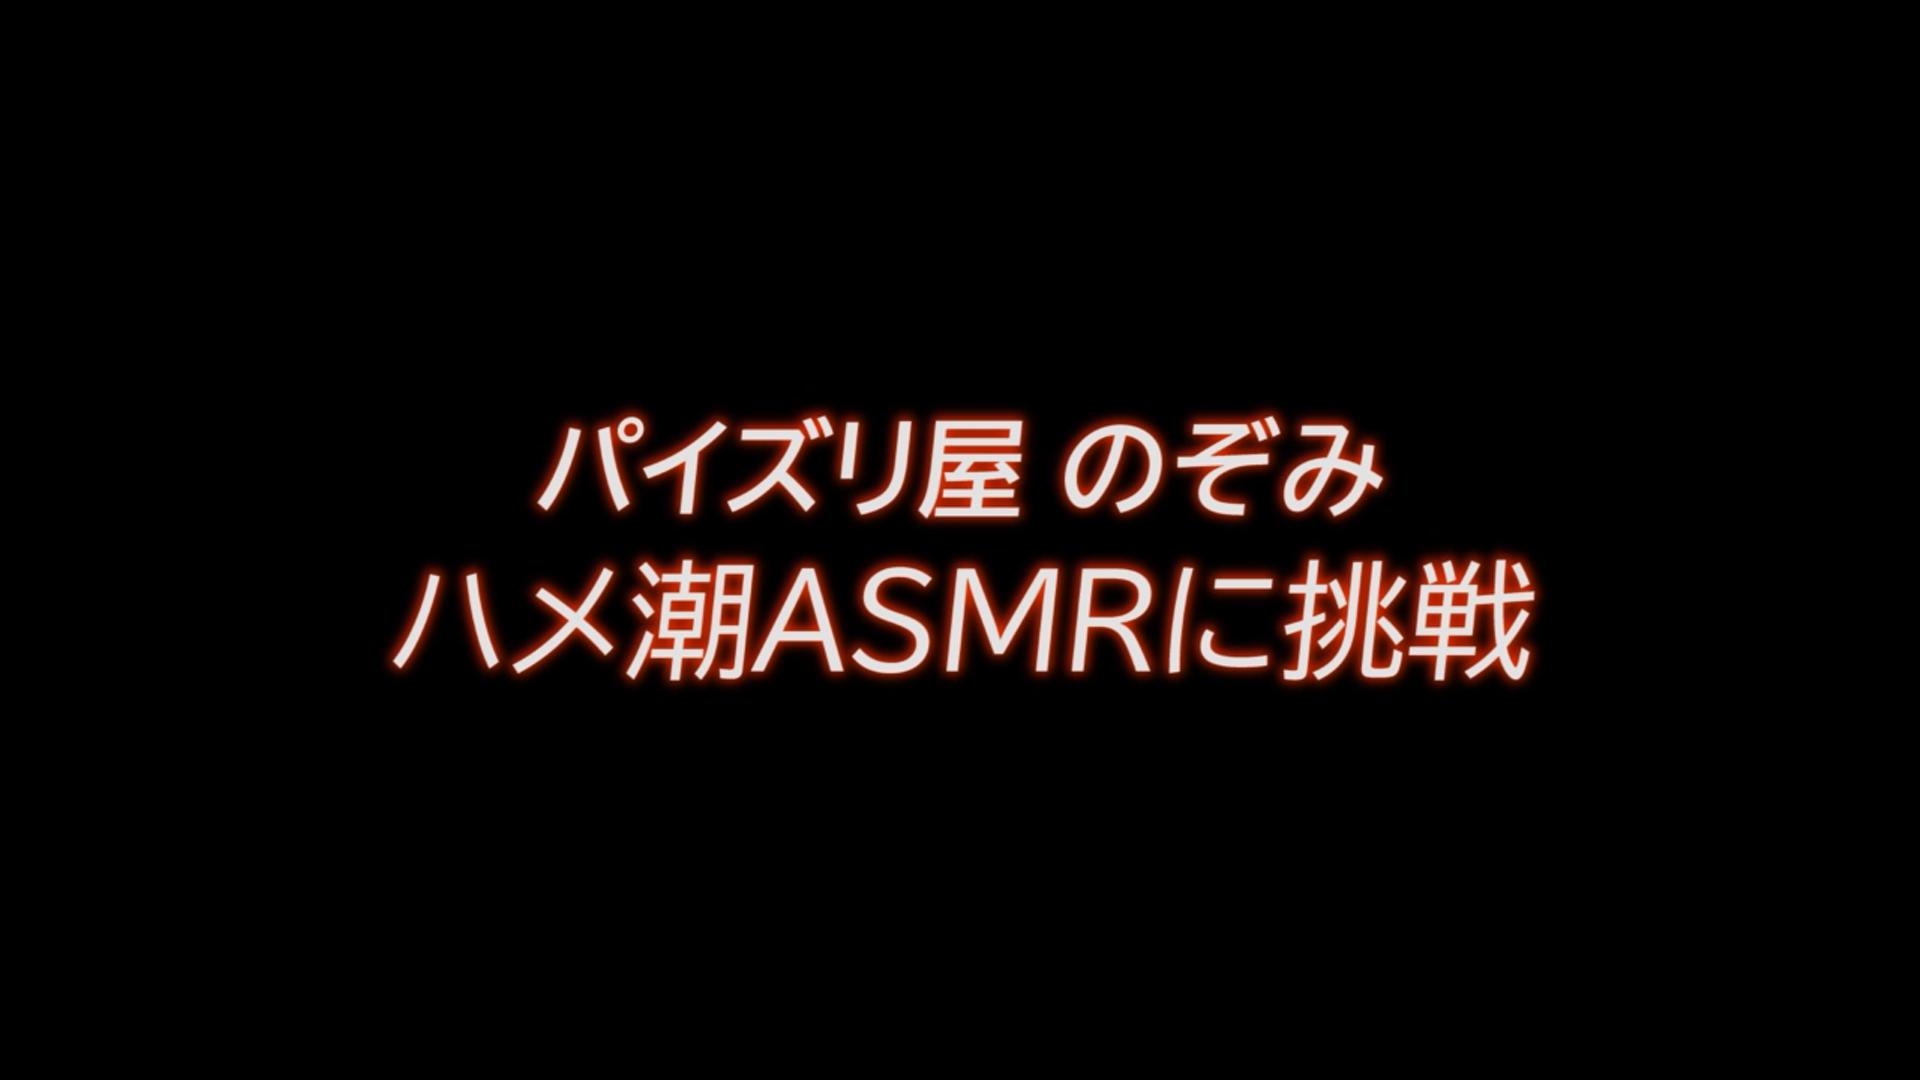 【疑似ASMR】ハメ潮ASMR挑戦してみた!